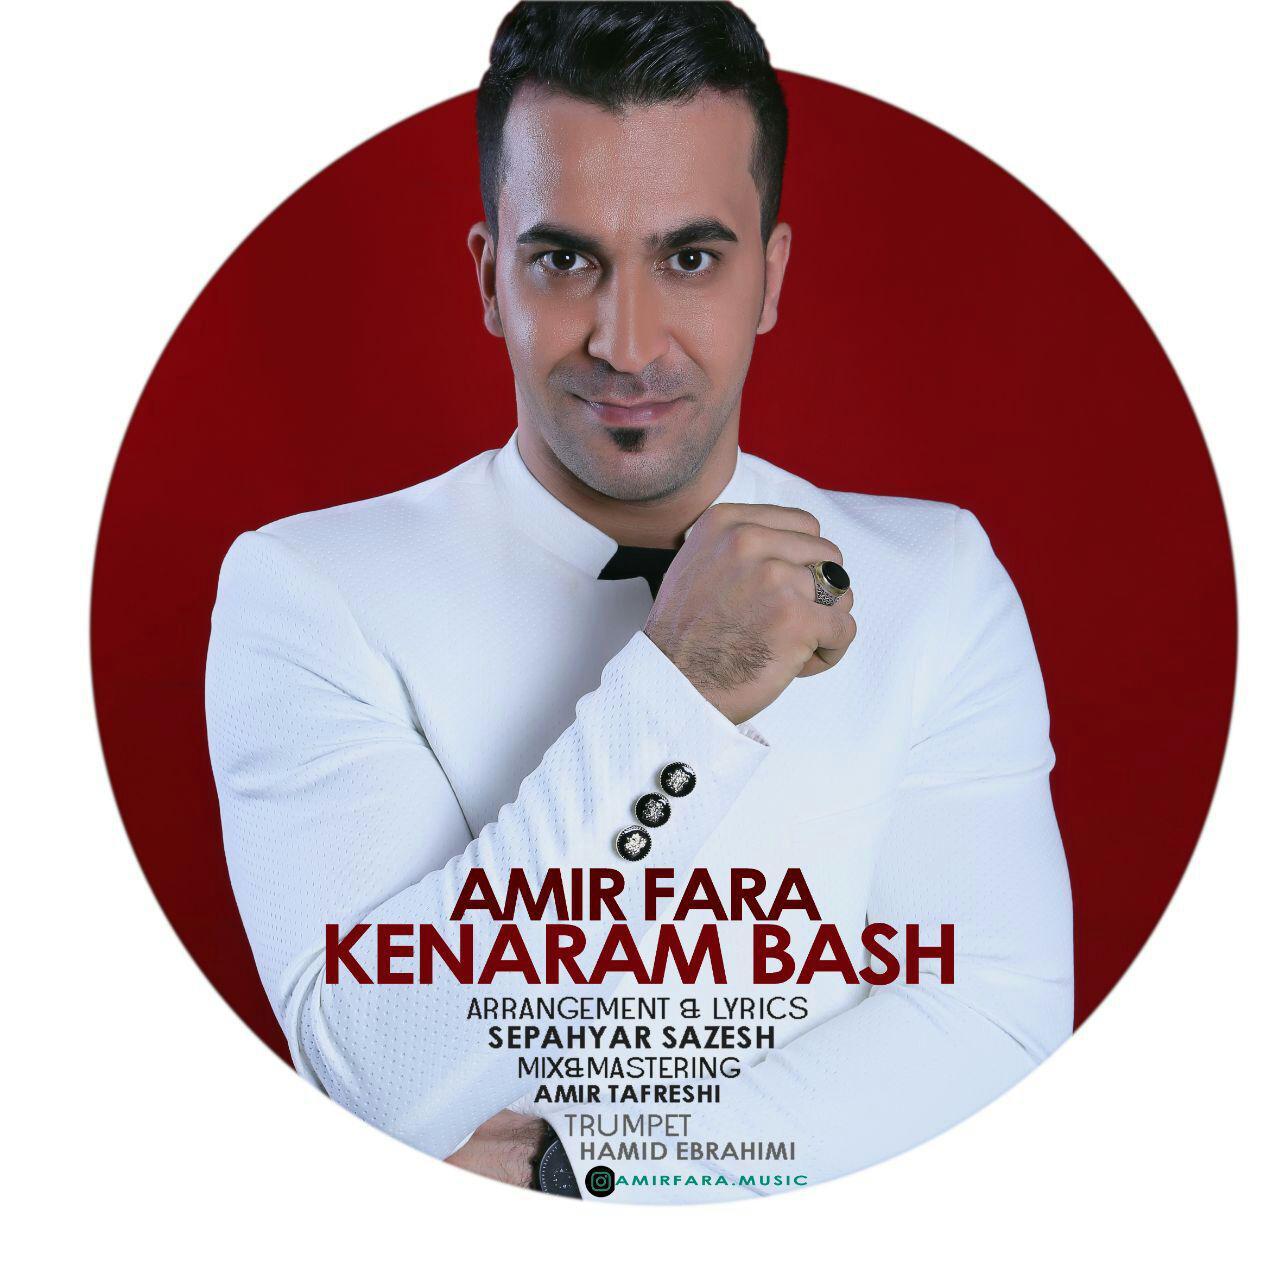 Amir Fara – Kenaram Bash